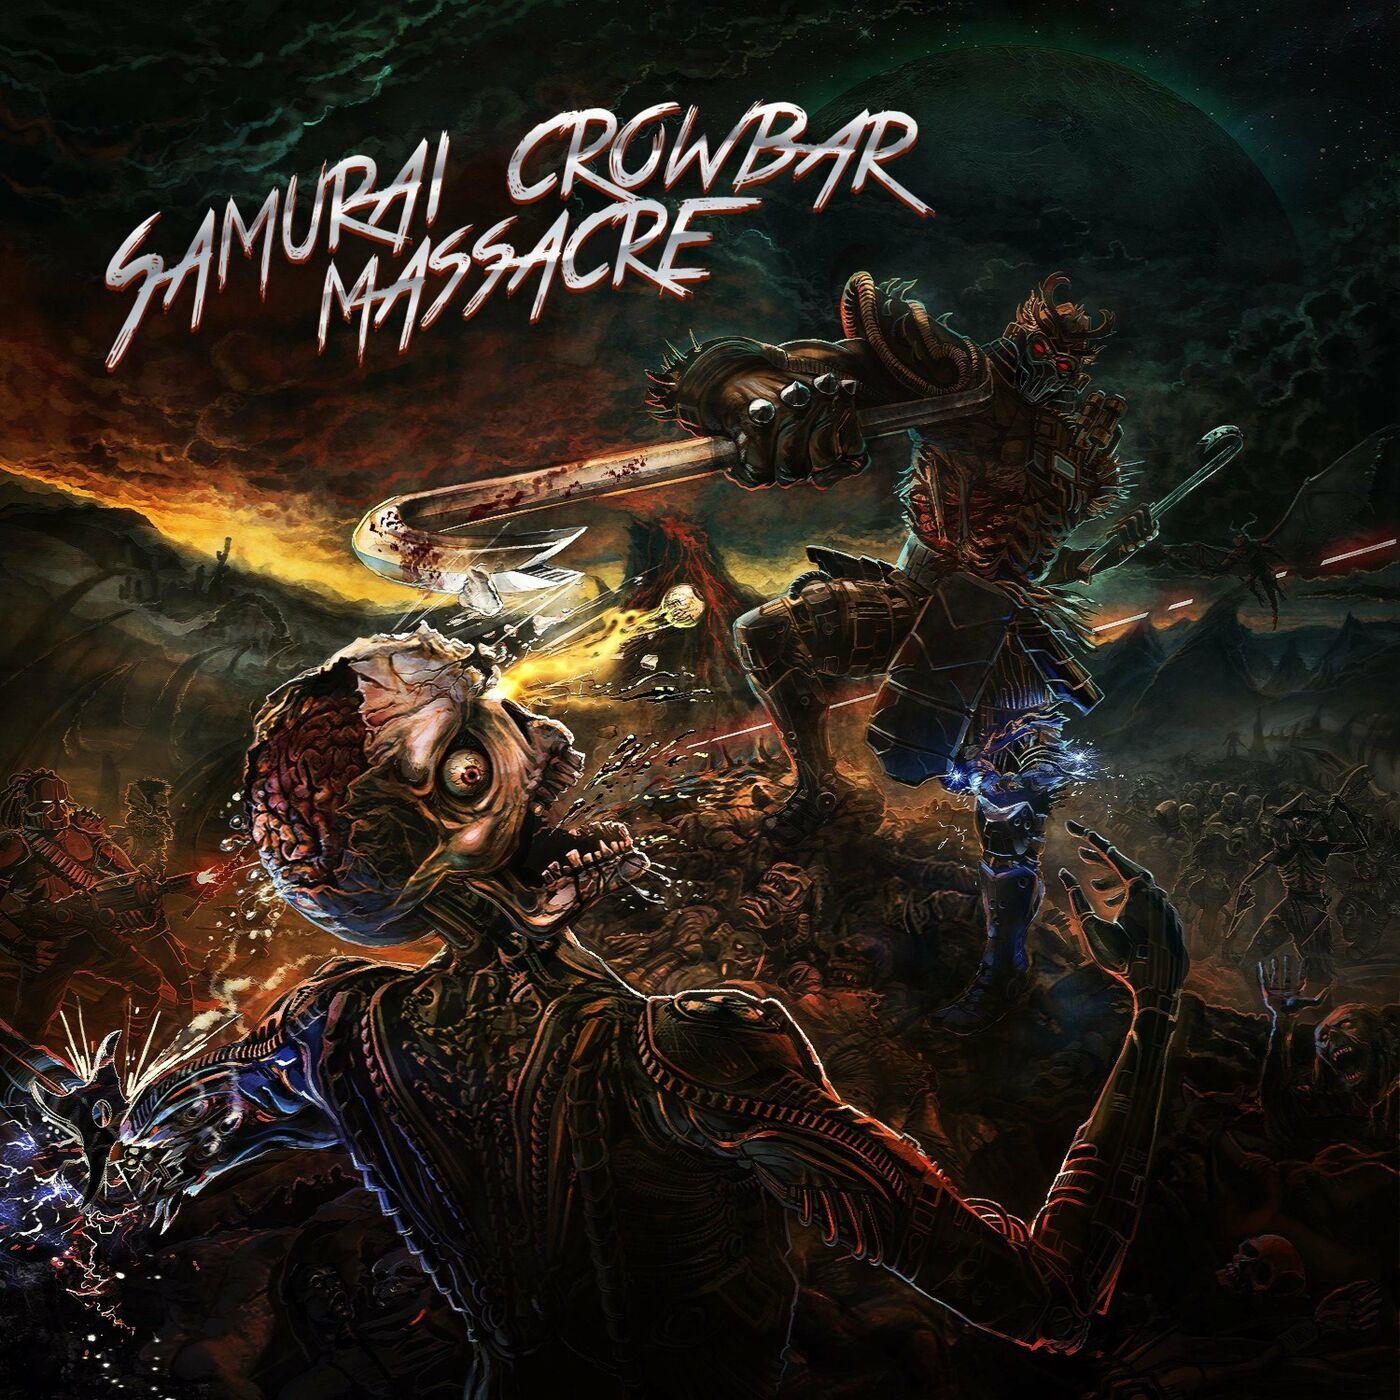 Samurai Crowbar Massacre - S.C.M. [EP] (2020)